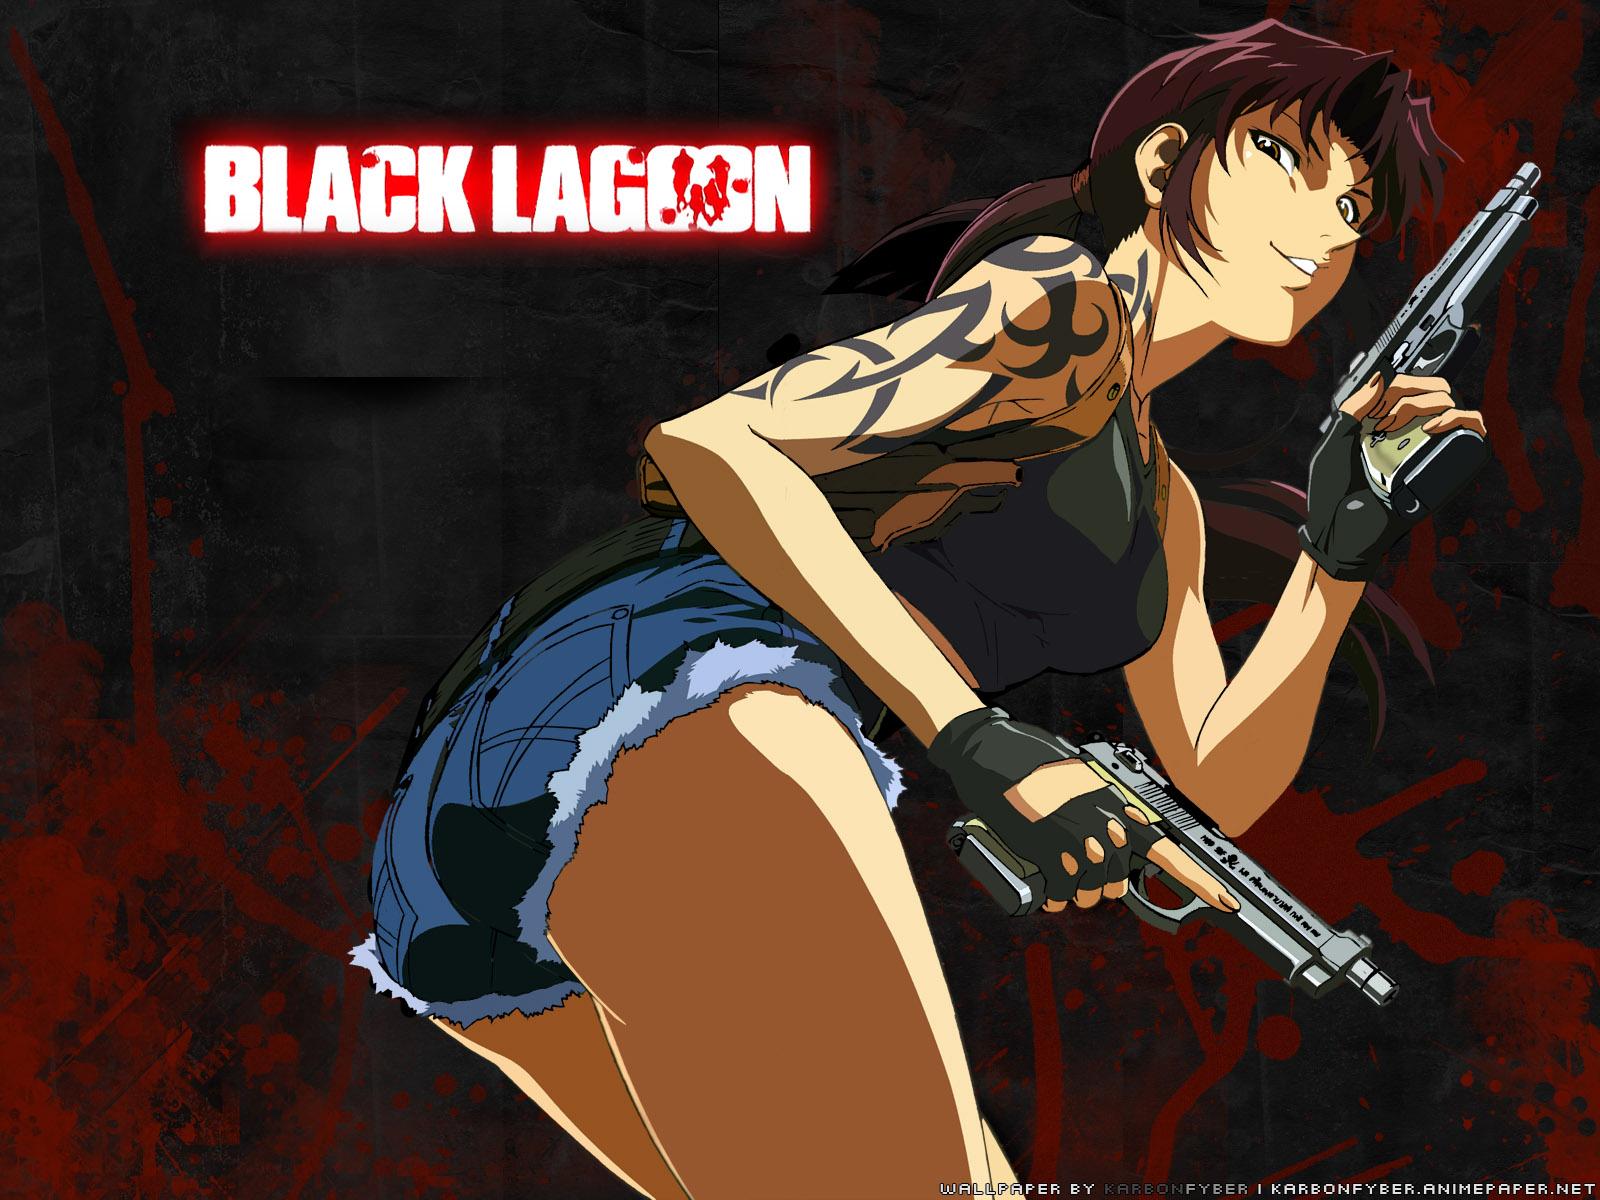 Black Lagoon The Second Barrage 003 ジエネオン ユニバーサル